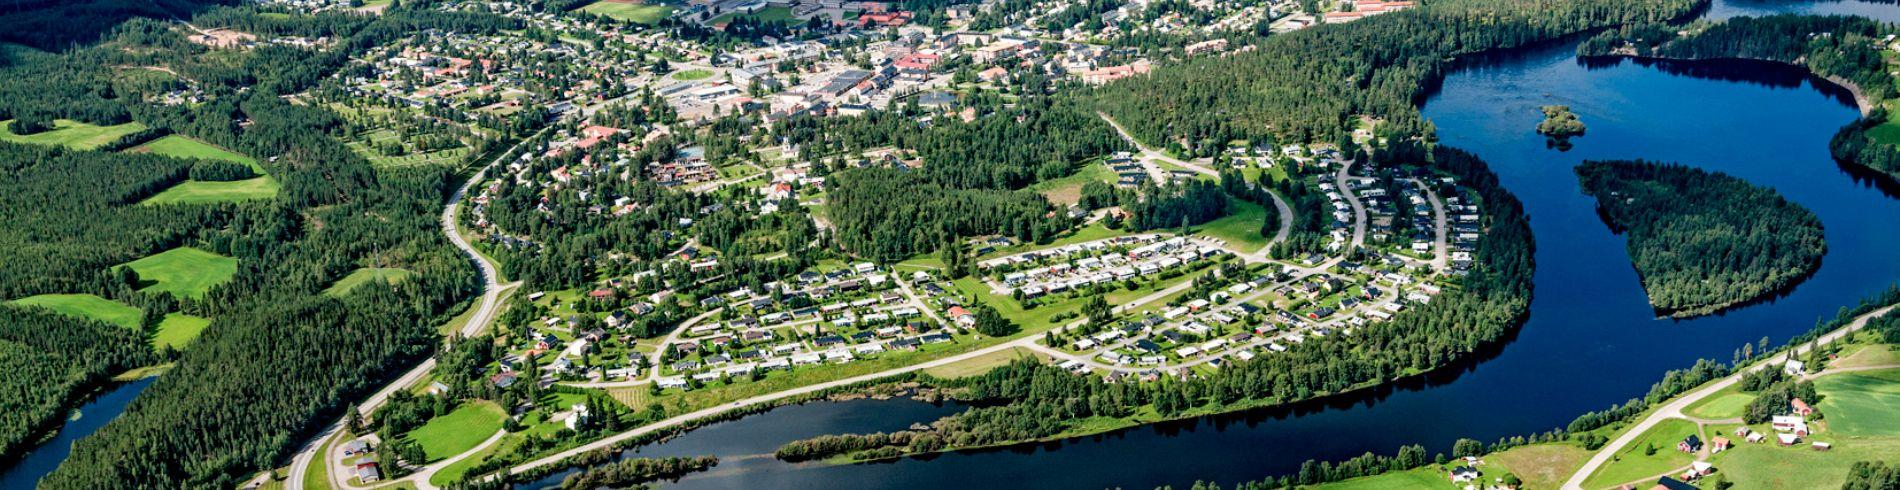 Älvsbyns kommuns officiella bildbank cover image